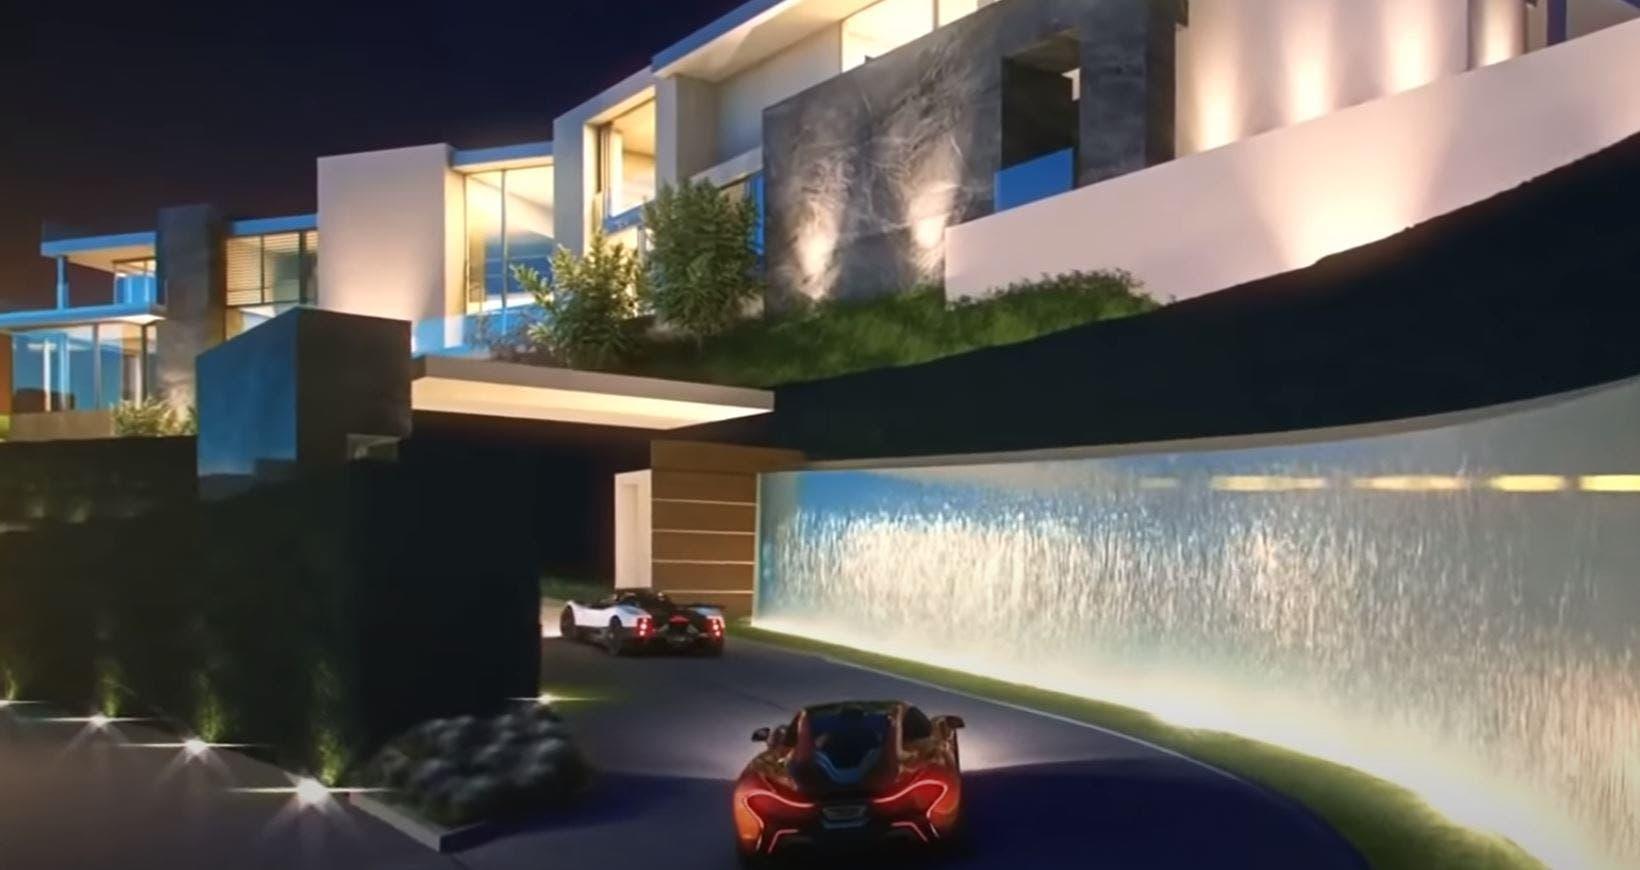 لقطة من شريط فيديو دعائي لعقار The One